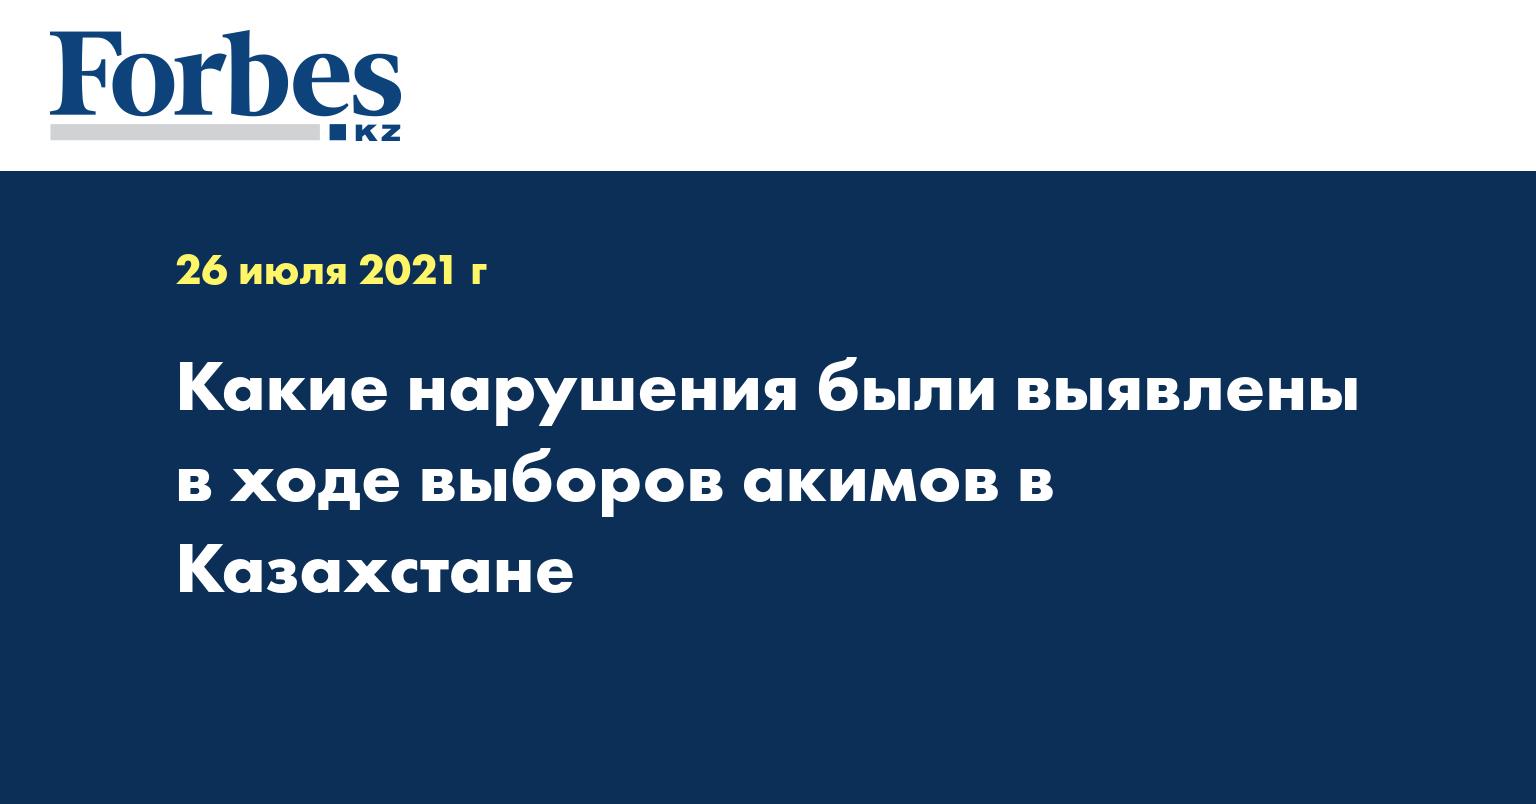 Какие нарушения были выявлены в ходе выборов акимов в Казахстане